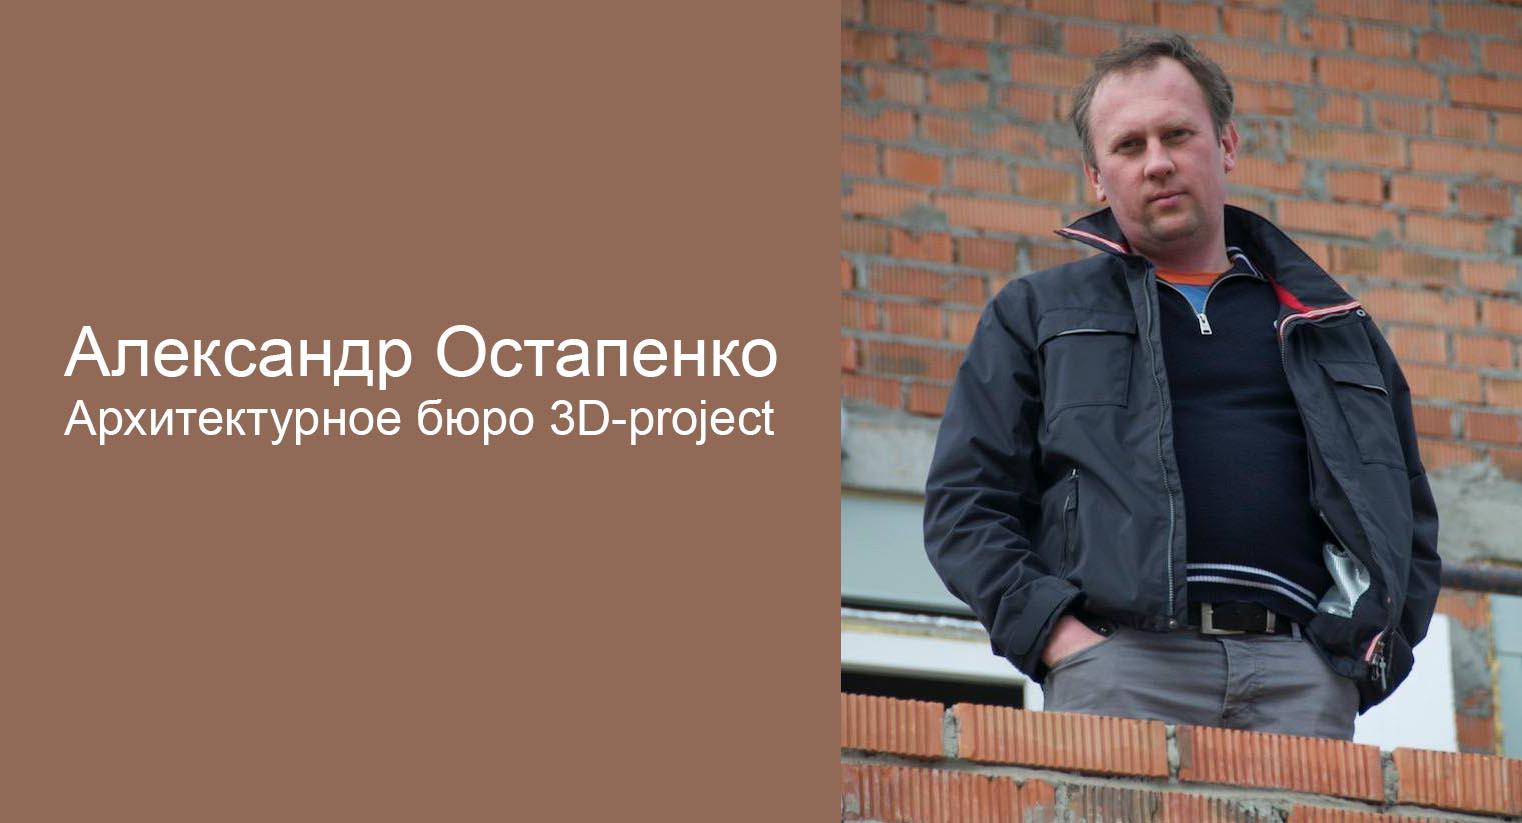 Интервью Александра Остапенко (архитектурное бюро 3D-project) бренду DAVIS CASA. Часть 1